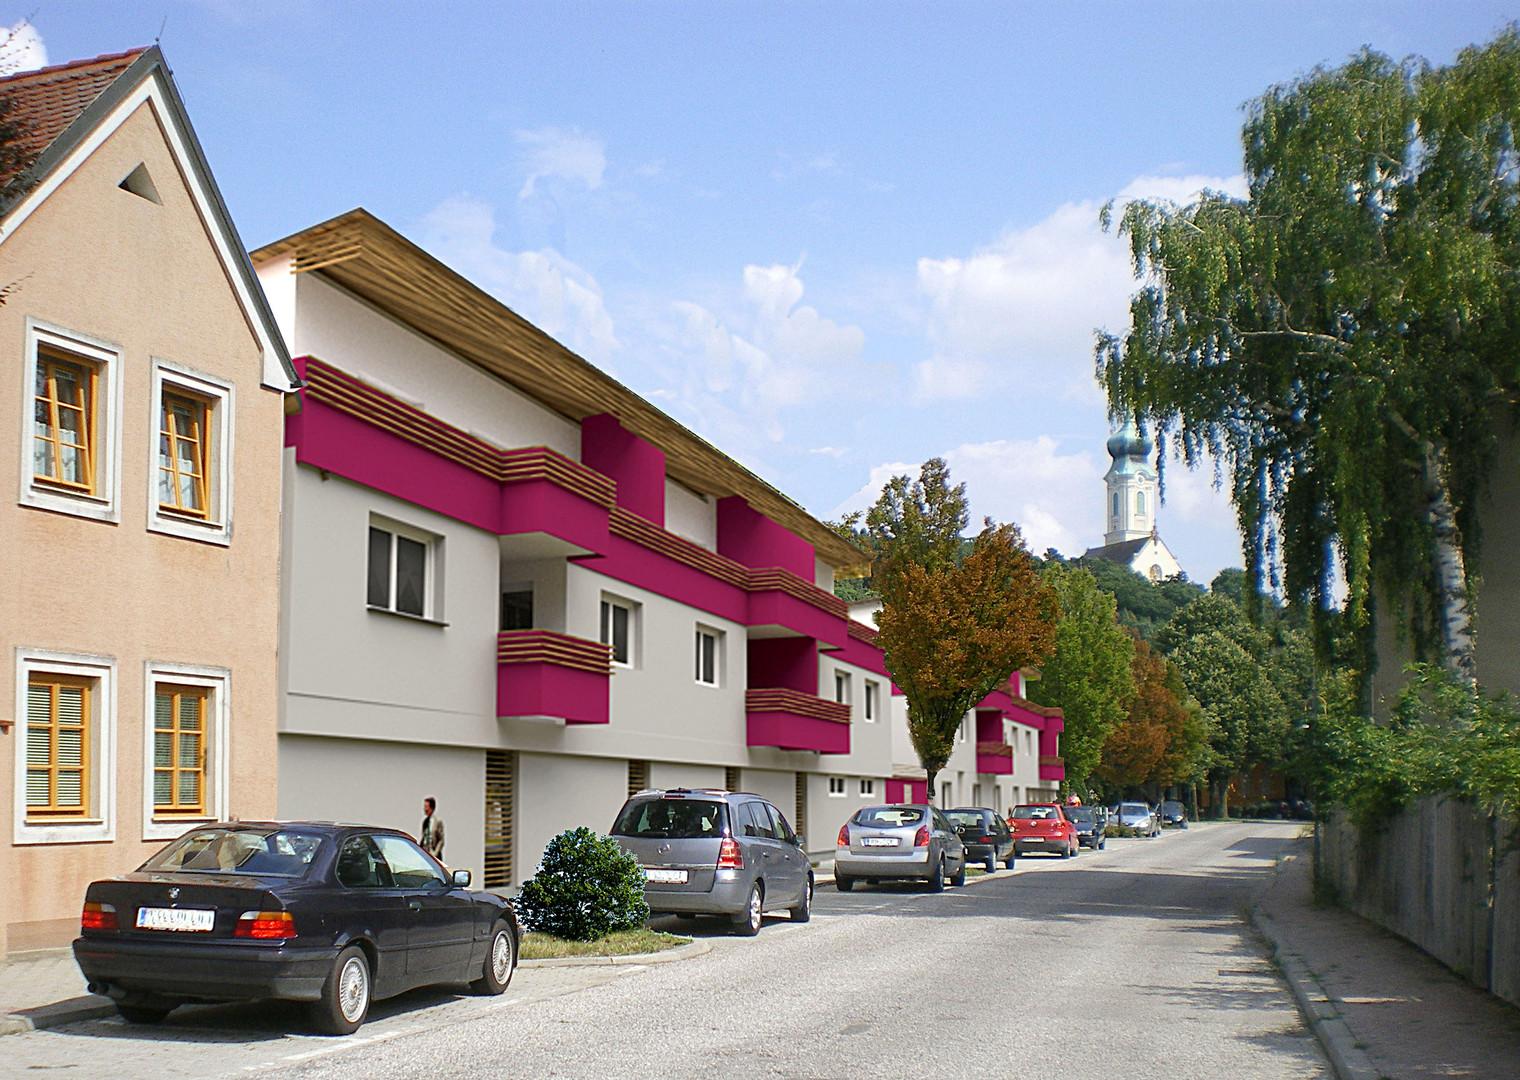 Wohnhausanlage Mistelbach Mistelsteig